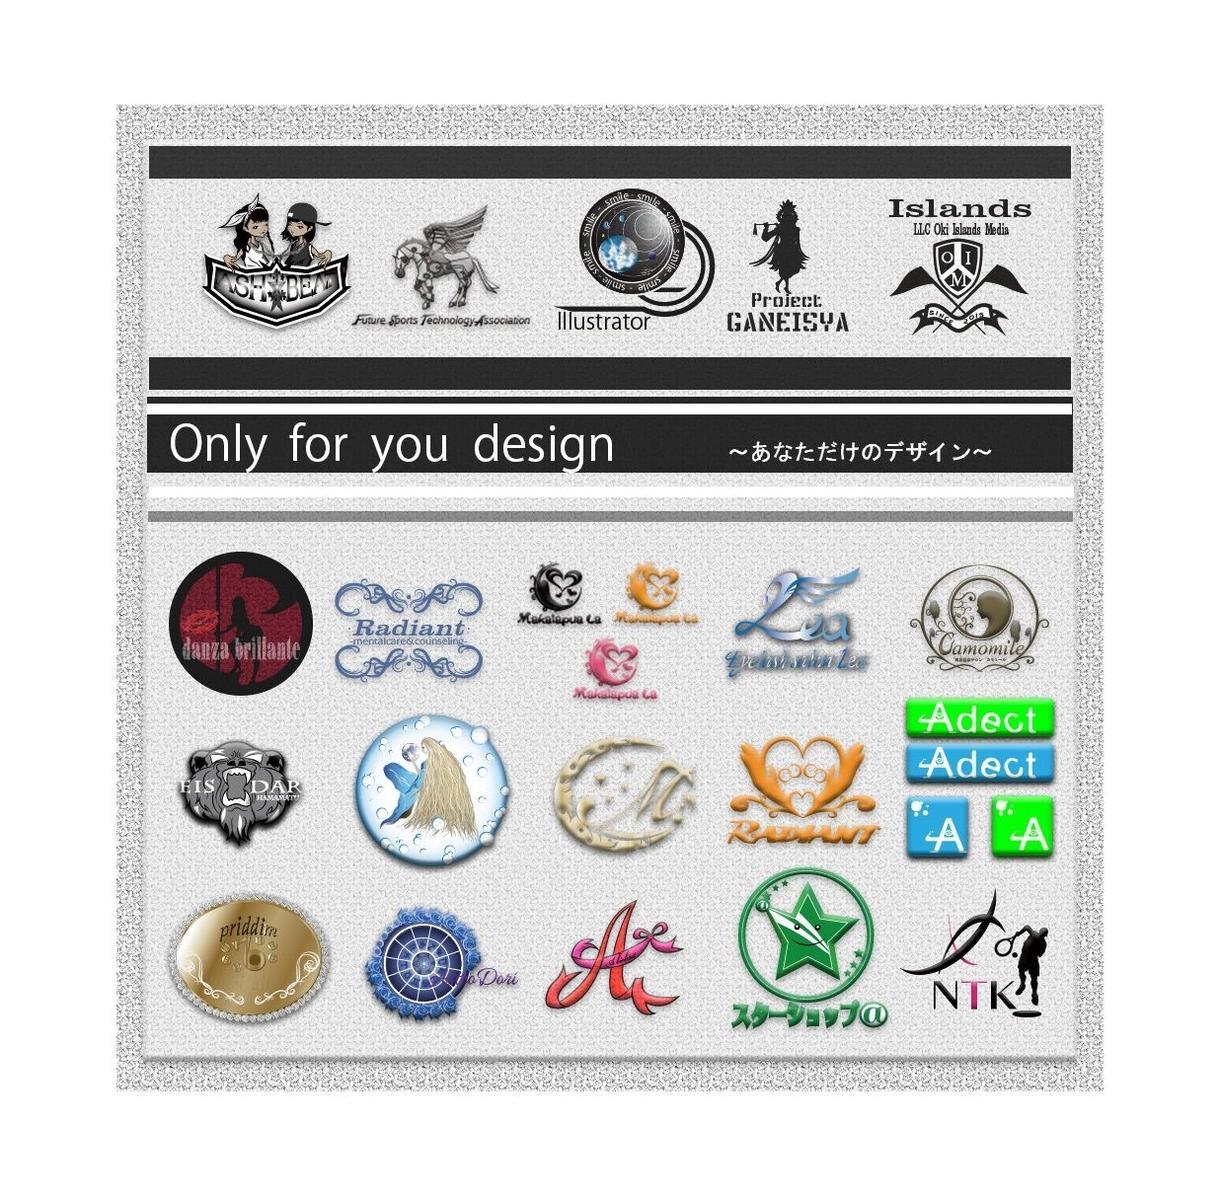 オリジナルロゴマーク¥0000で制作します (完全オーダーメイド)下書きから制作の全てお任せ3点セット